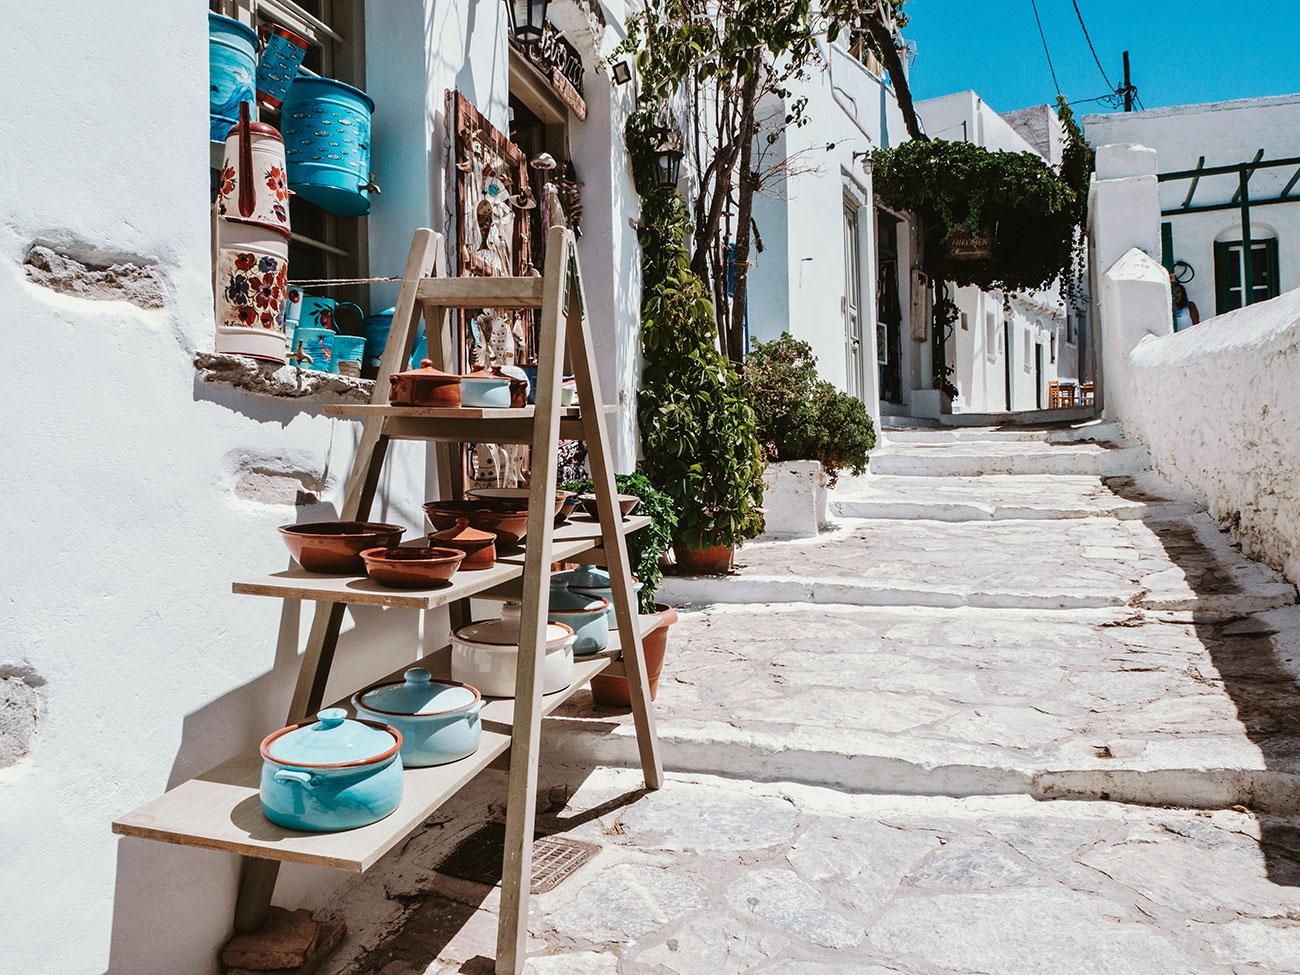 Stadt Amorgos Gasse in der Mittagssonne mit einem kleinen Keramikladen an der Ecke